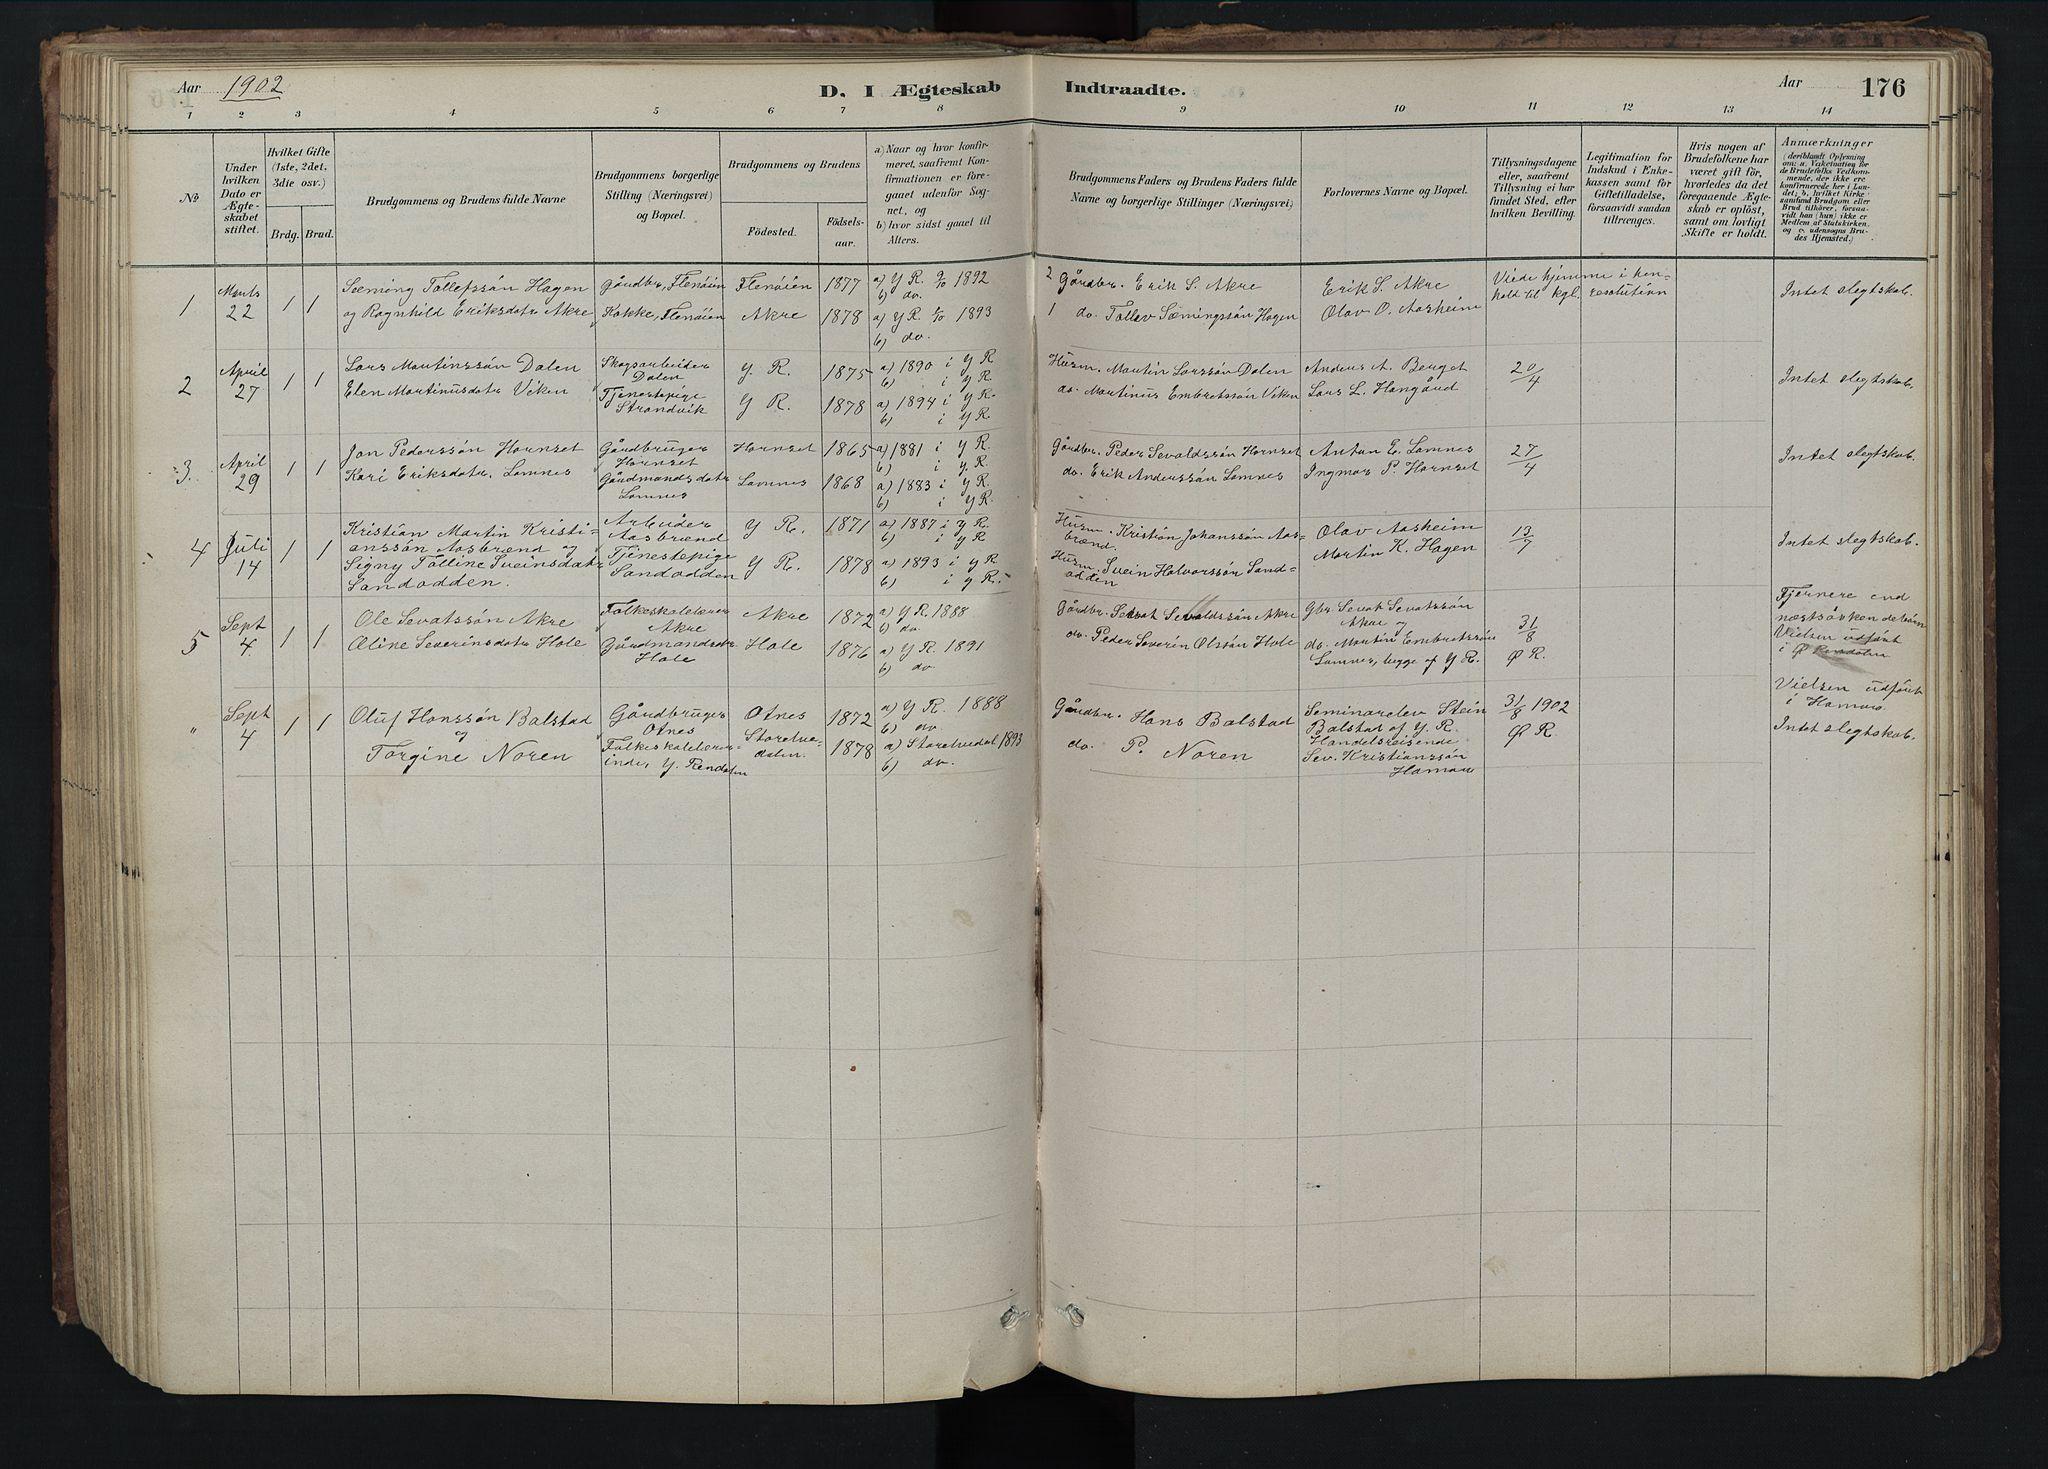 SAH, Rendalen prestekontor, H/Ha/Hab/L0009: Klokkerbok nr. 9, 1879-1902, s. 176